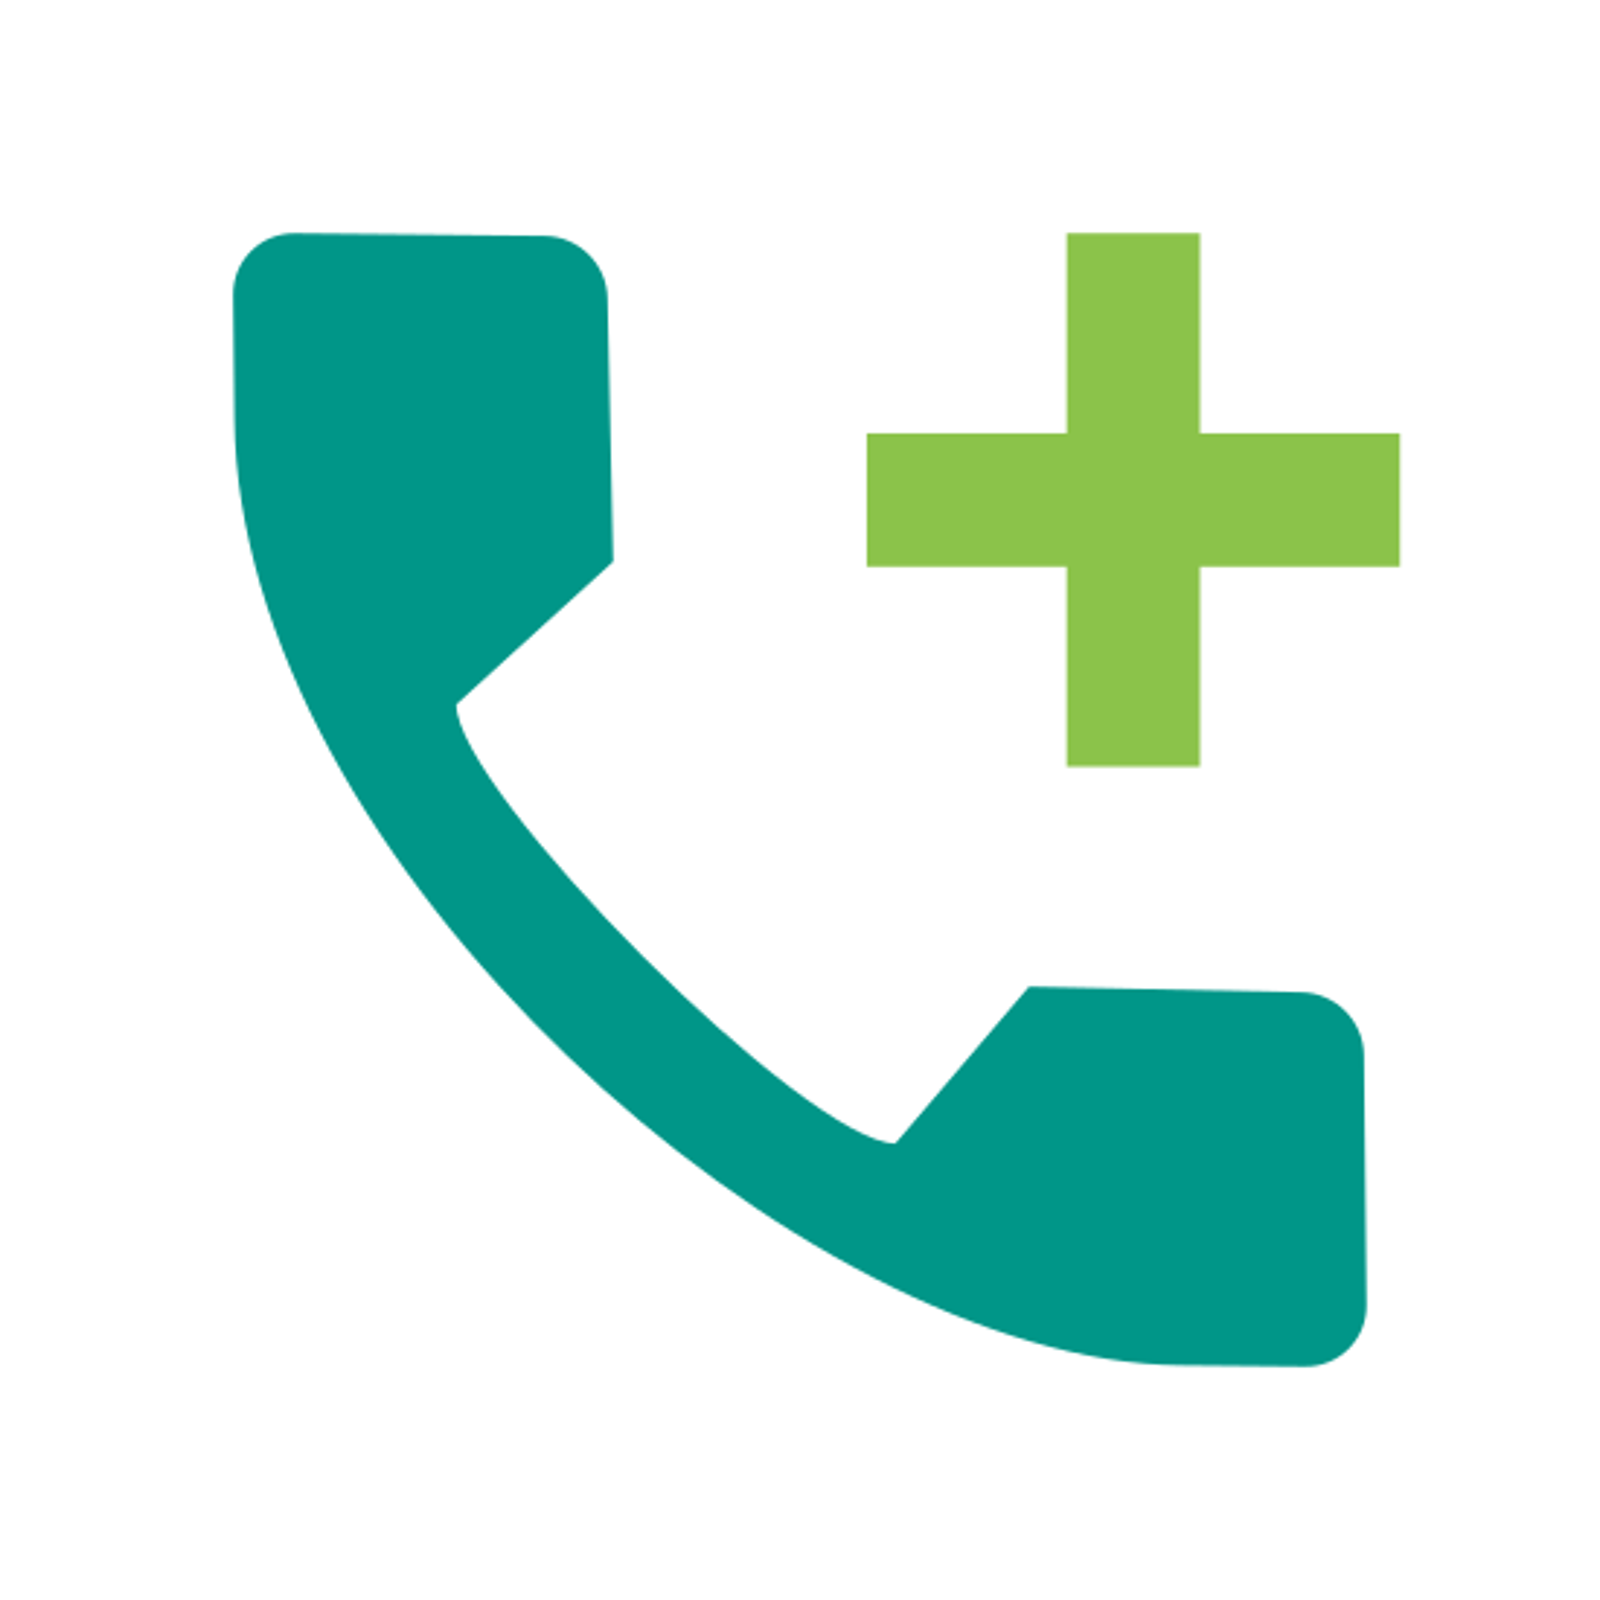 Telefon hinzufügen icon